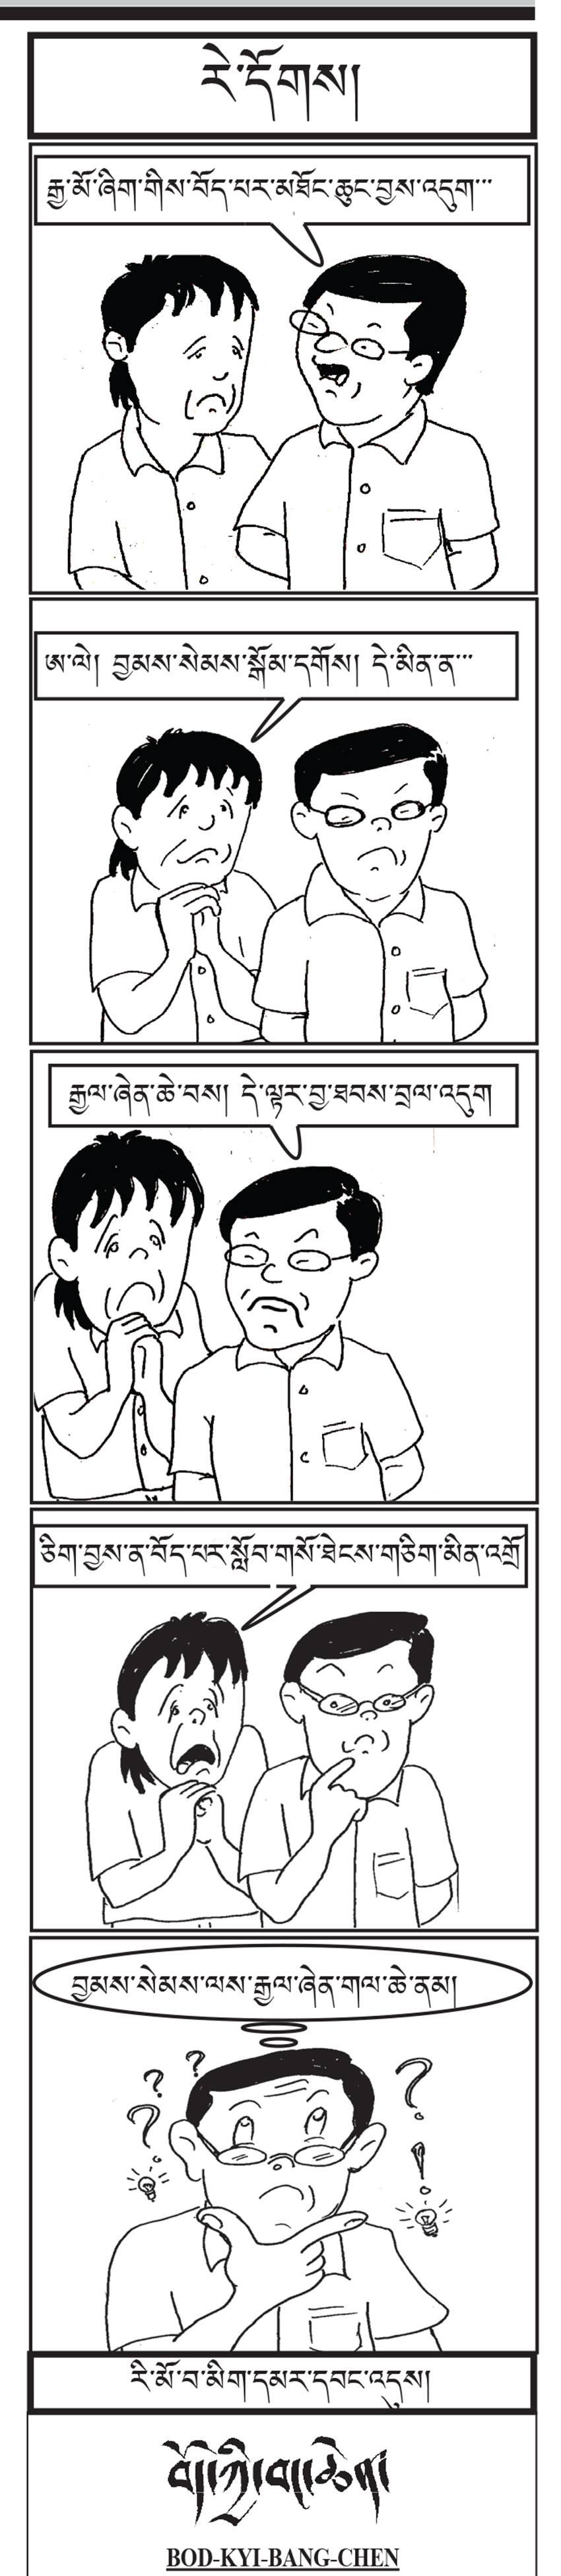 རེ་དོགས།